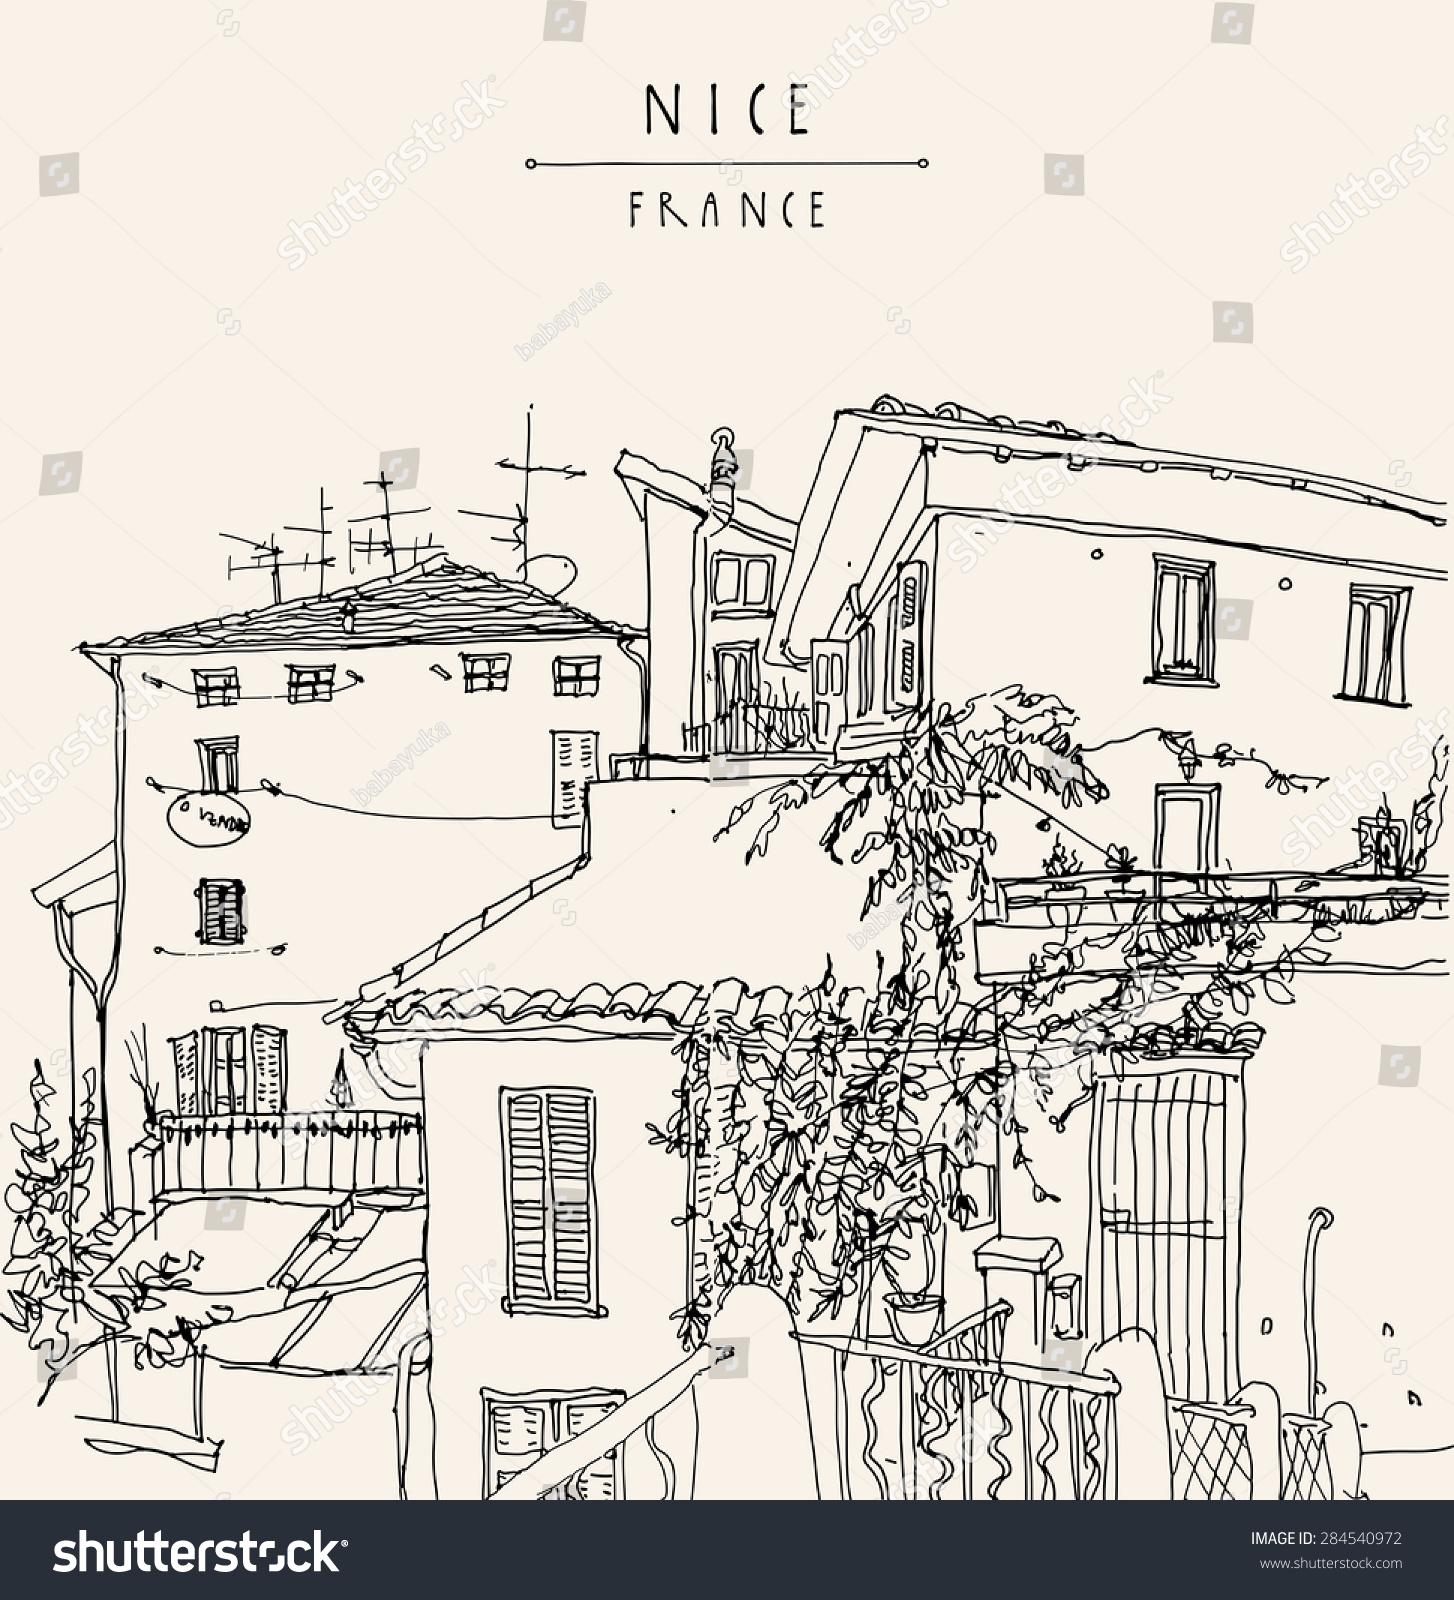 法国著名建筑物 手绘轮廓